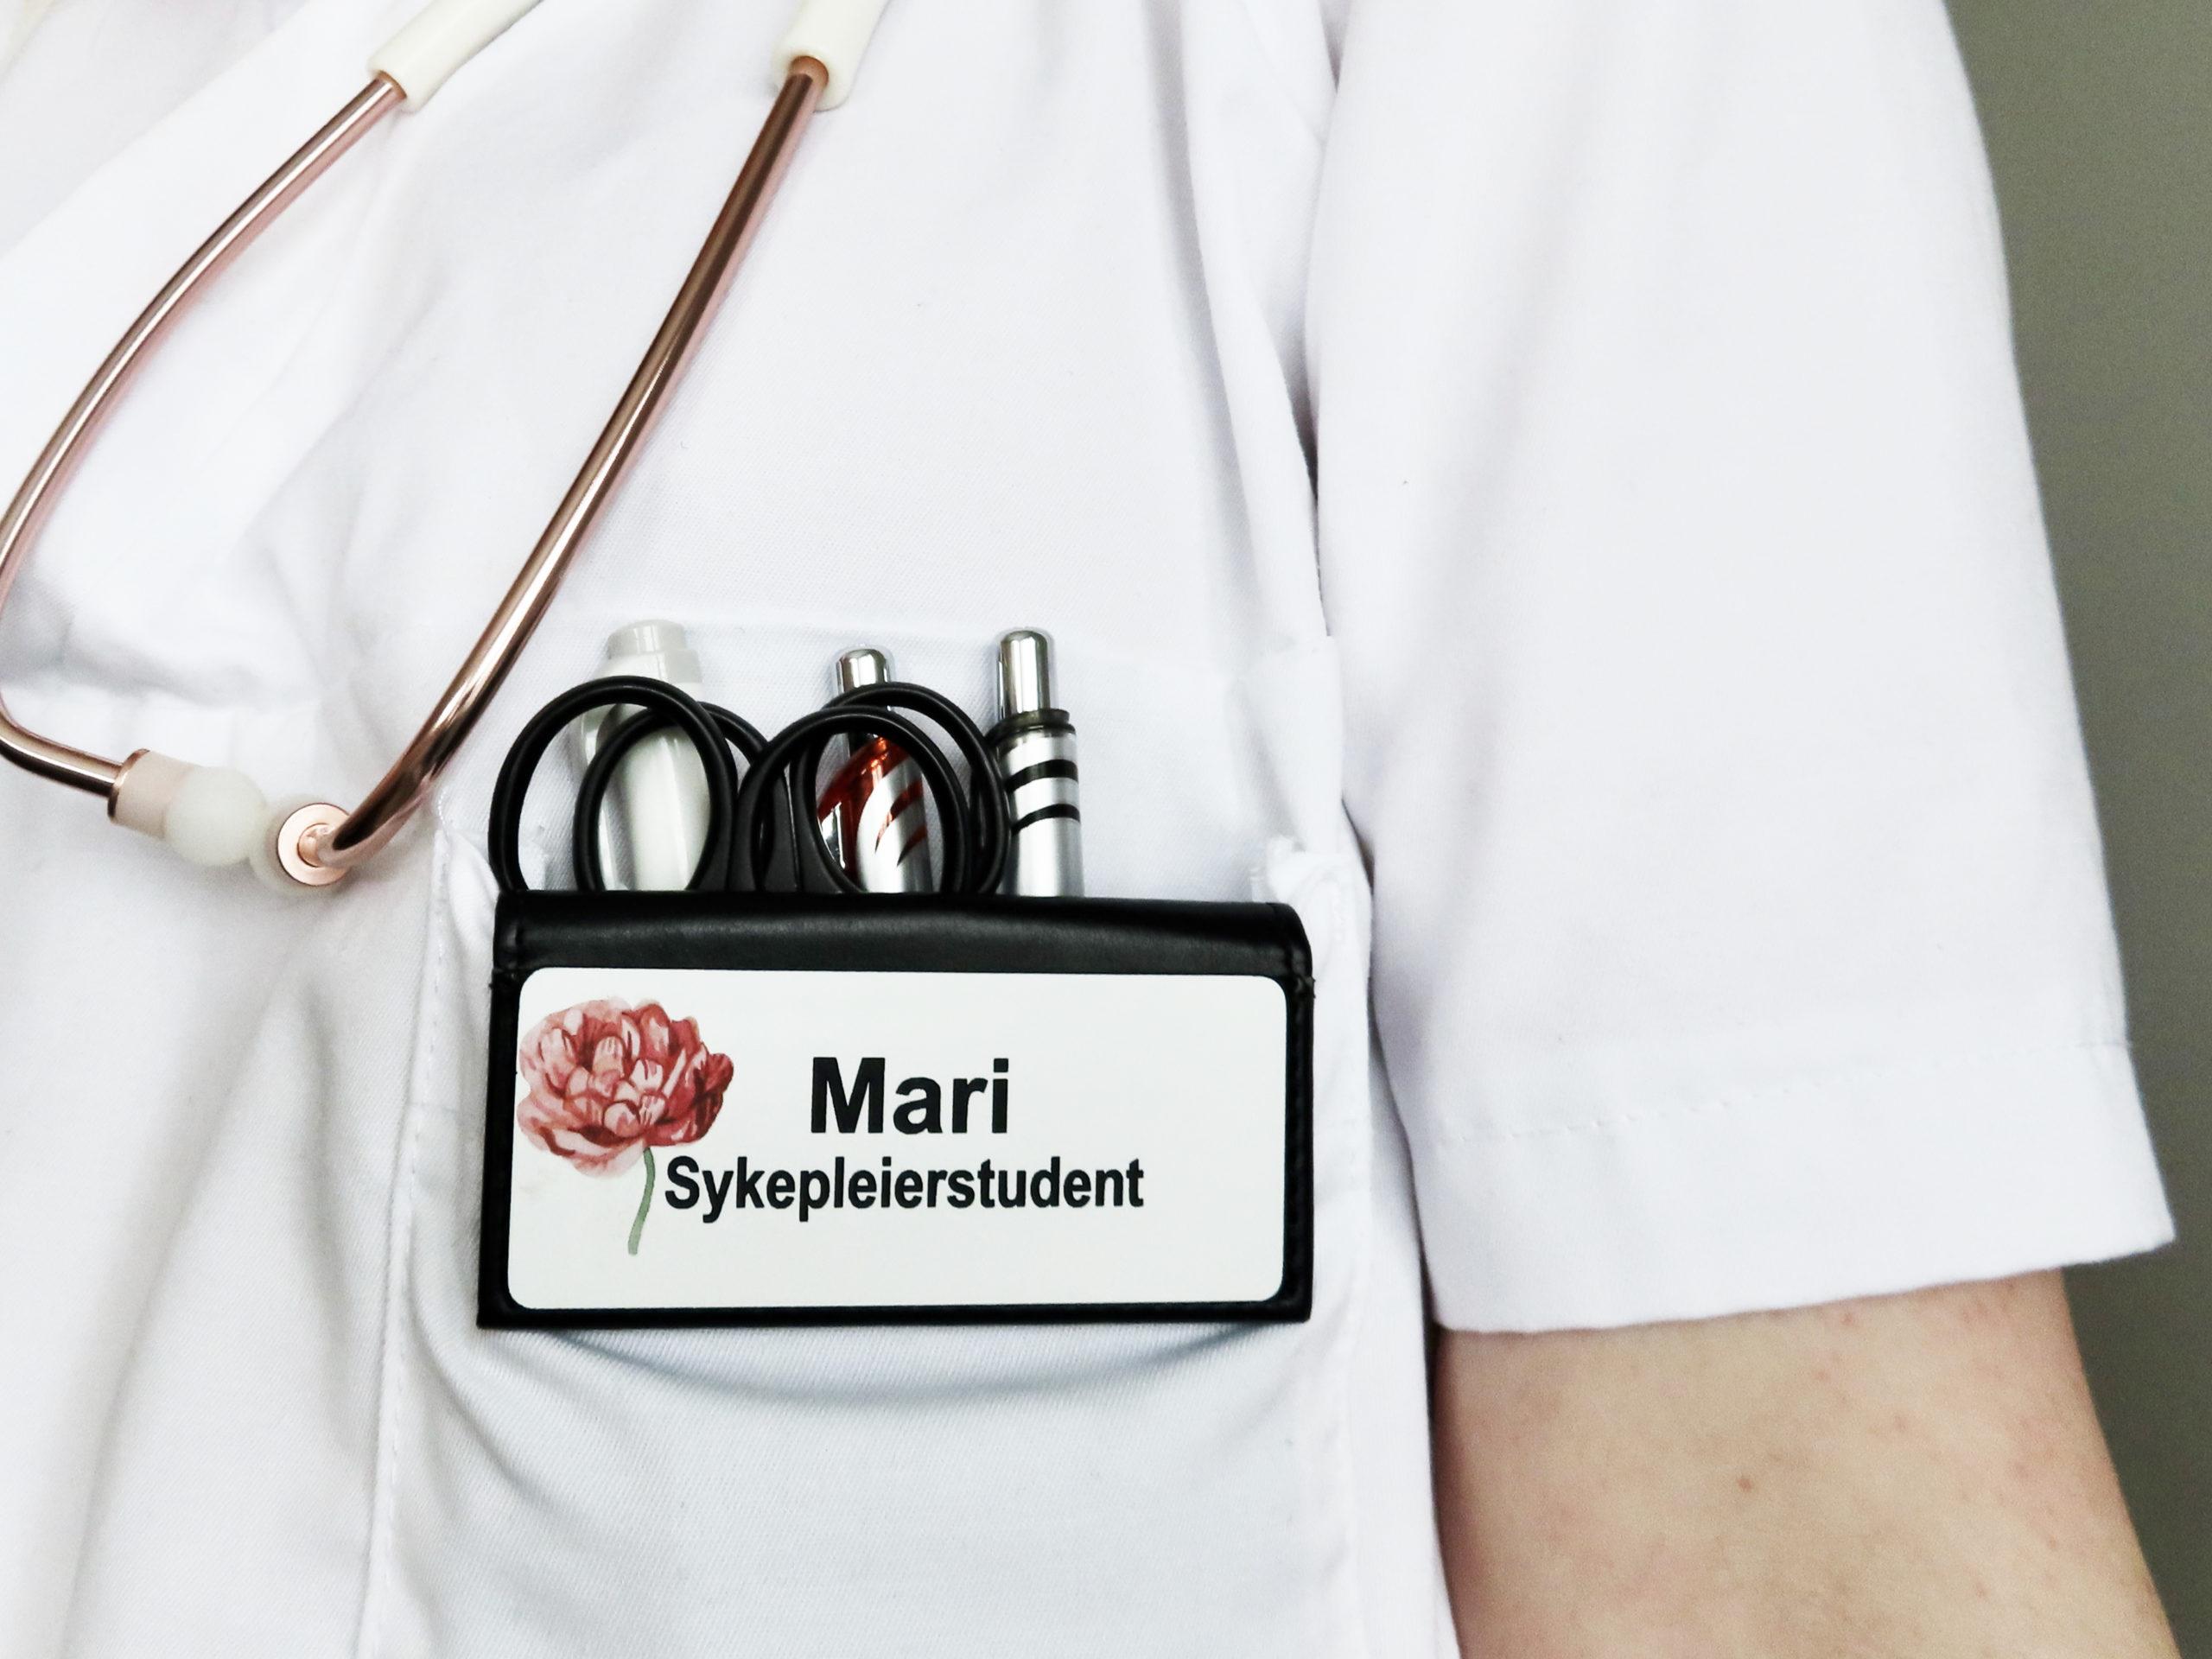 Bilde av skilt for Mari Johansen som er sykepleierstudent, Cingulum AS